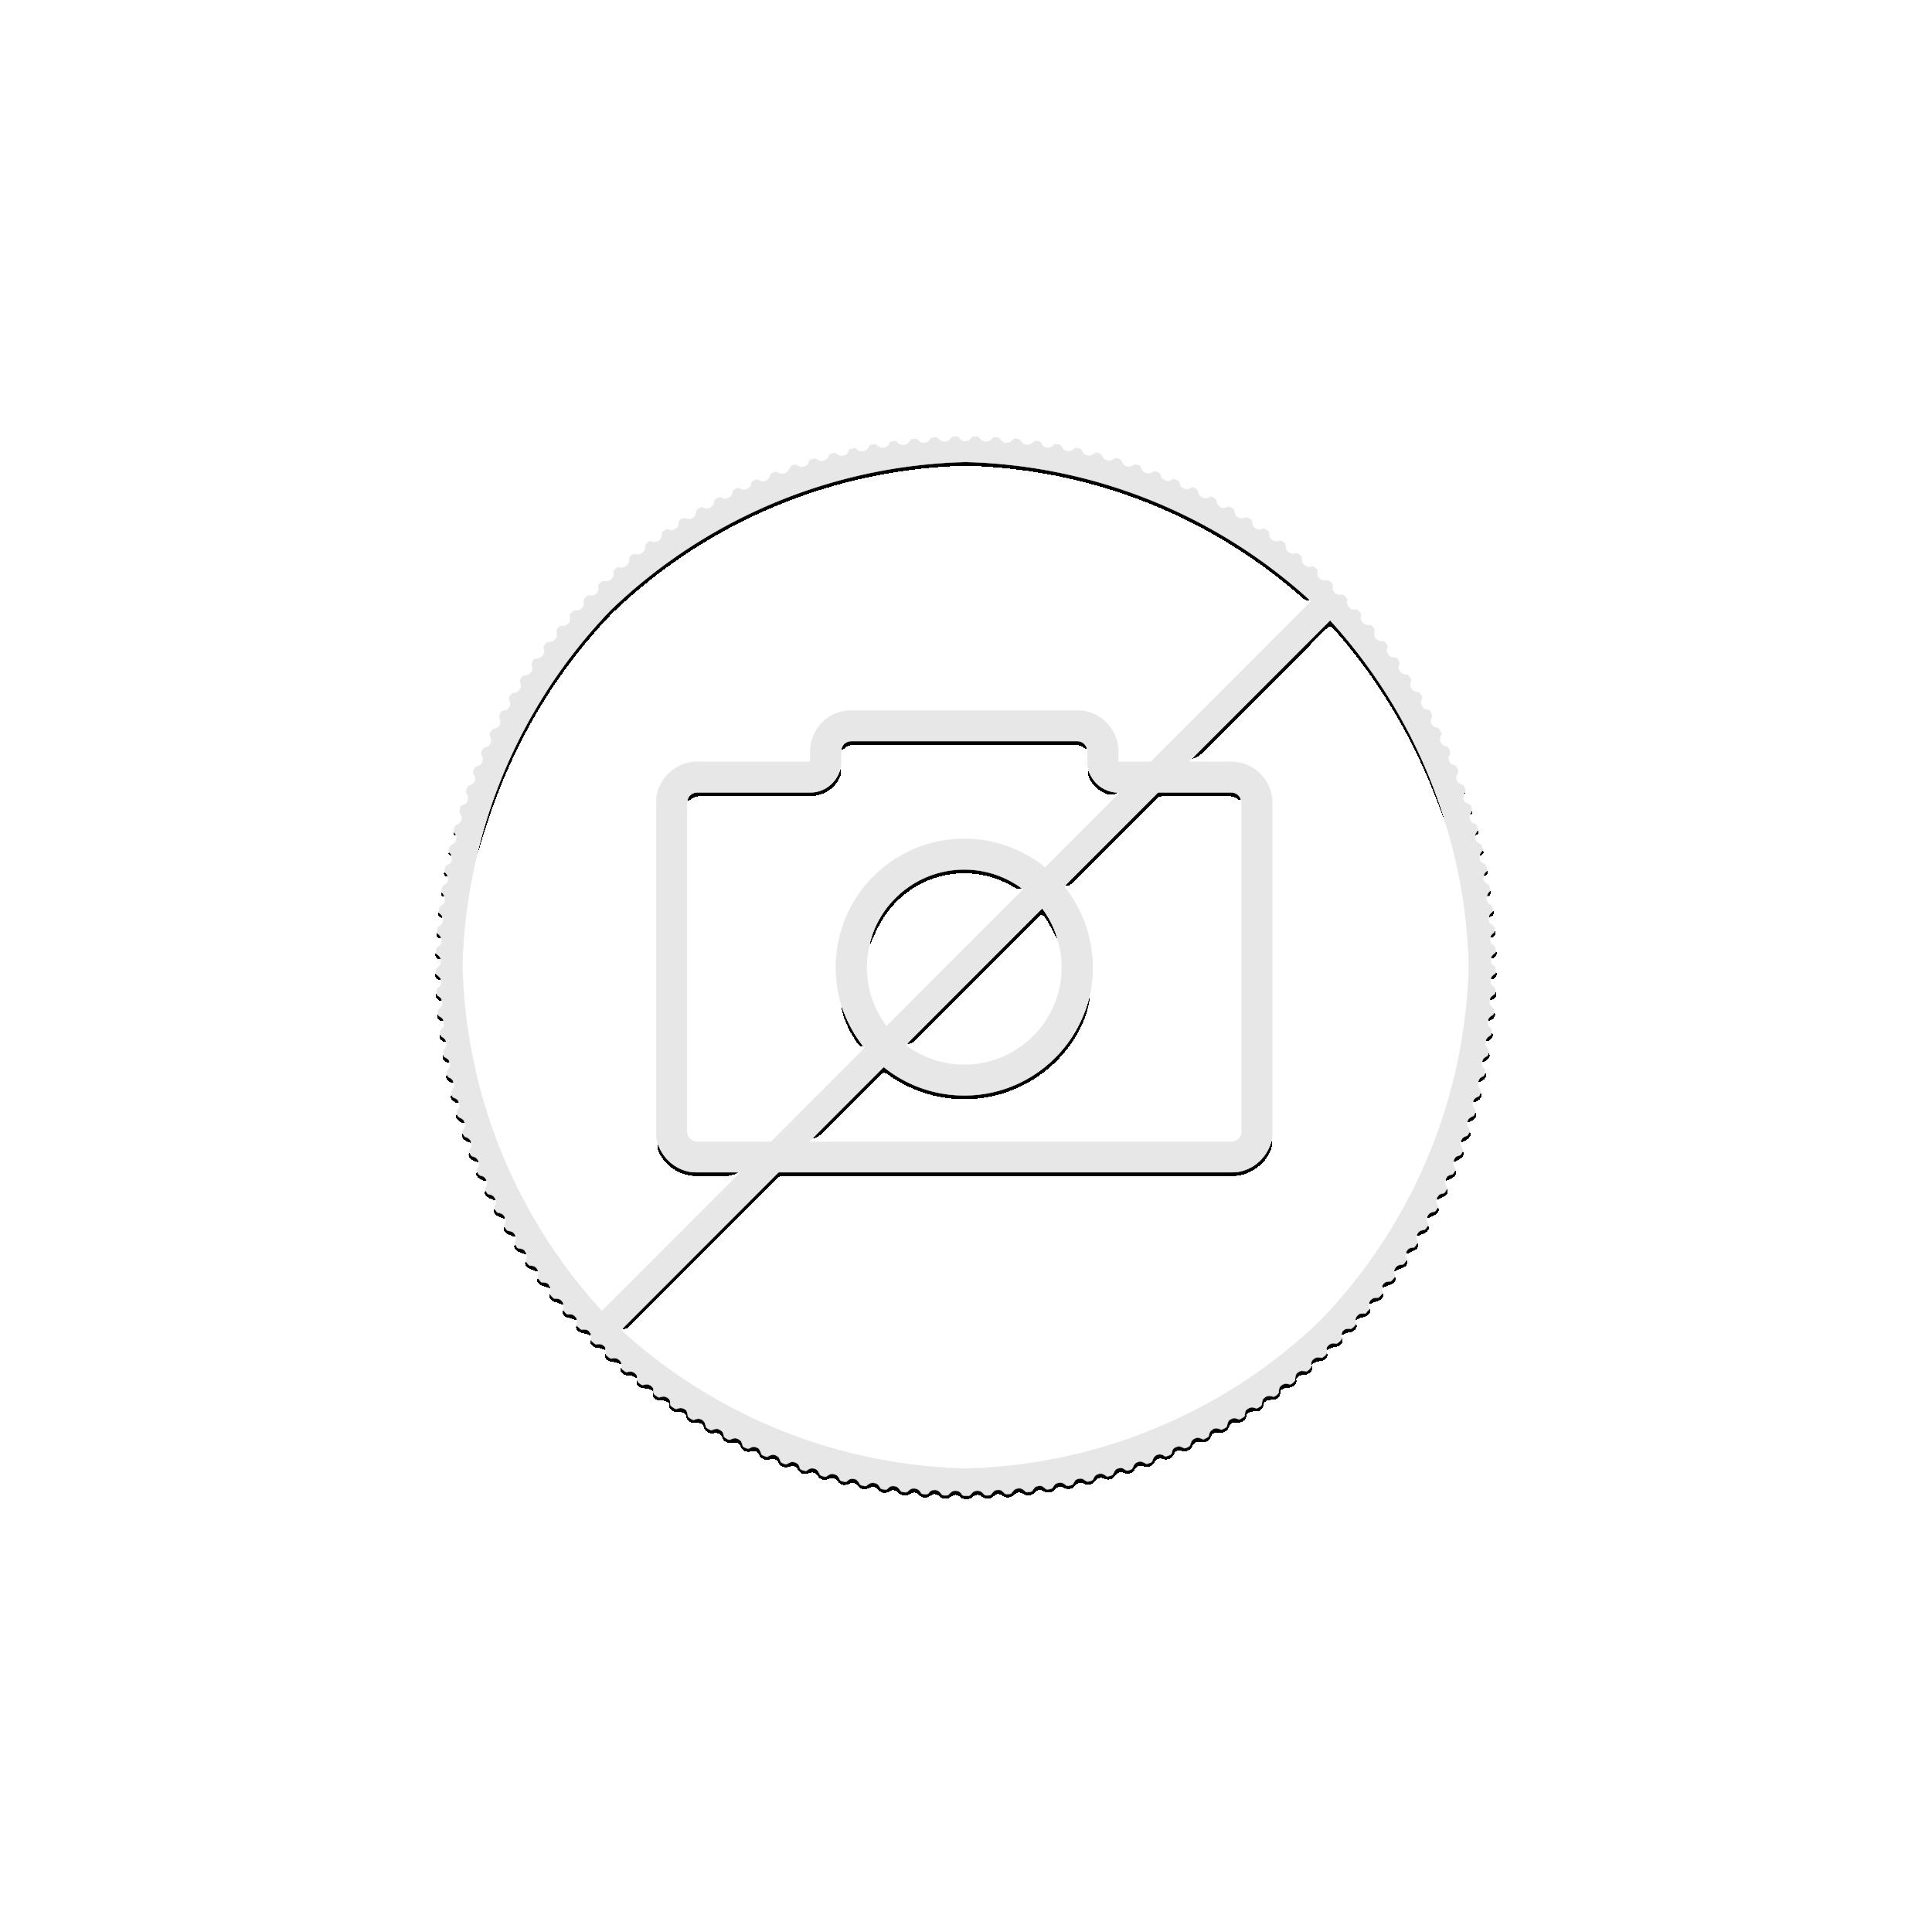 1 troy ounce zilveren Kangaroo munt voorgaande jaargangen